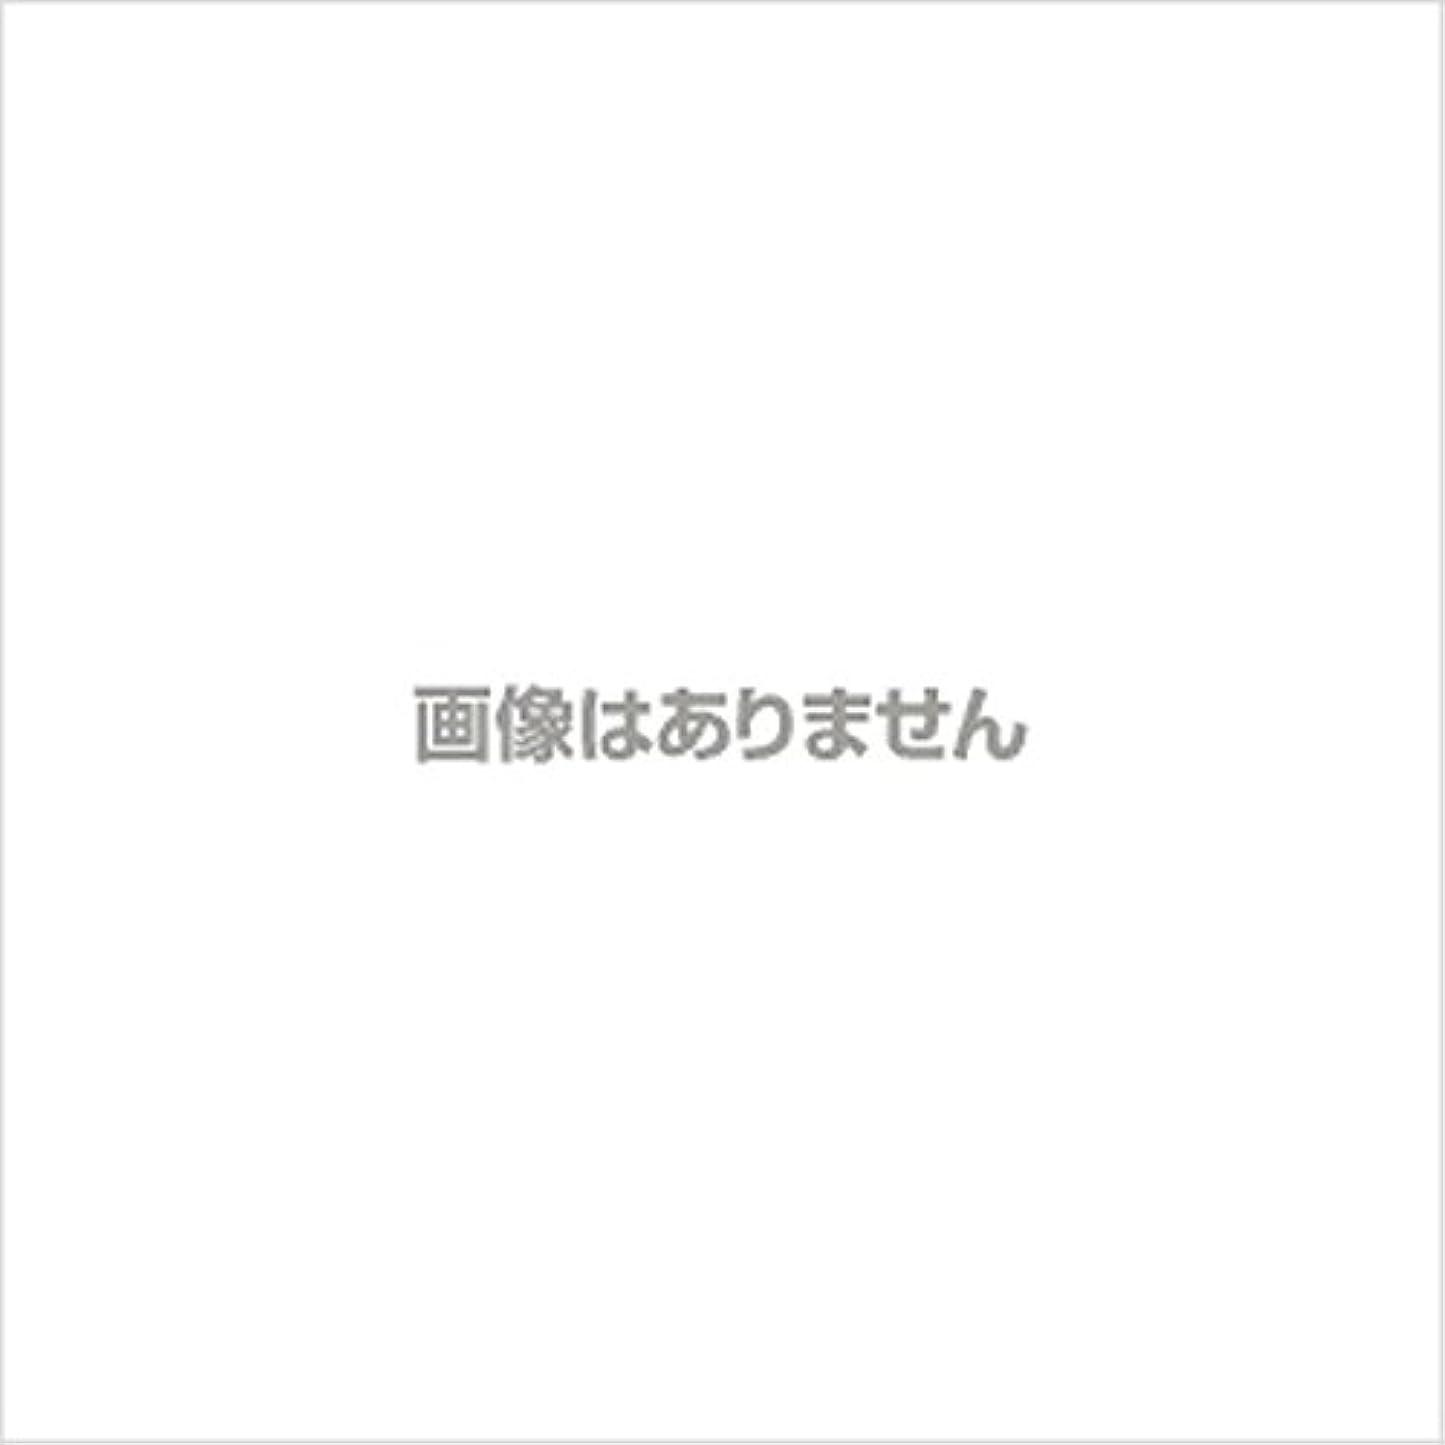 夜の動物園ボトルネック進む【新発売】EBUKEA エブケアNO1004 プラスチックグローブ(パウダーフリー?粉なし)Sサイズ 100枚入(極薄?半透明)